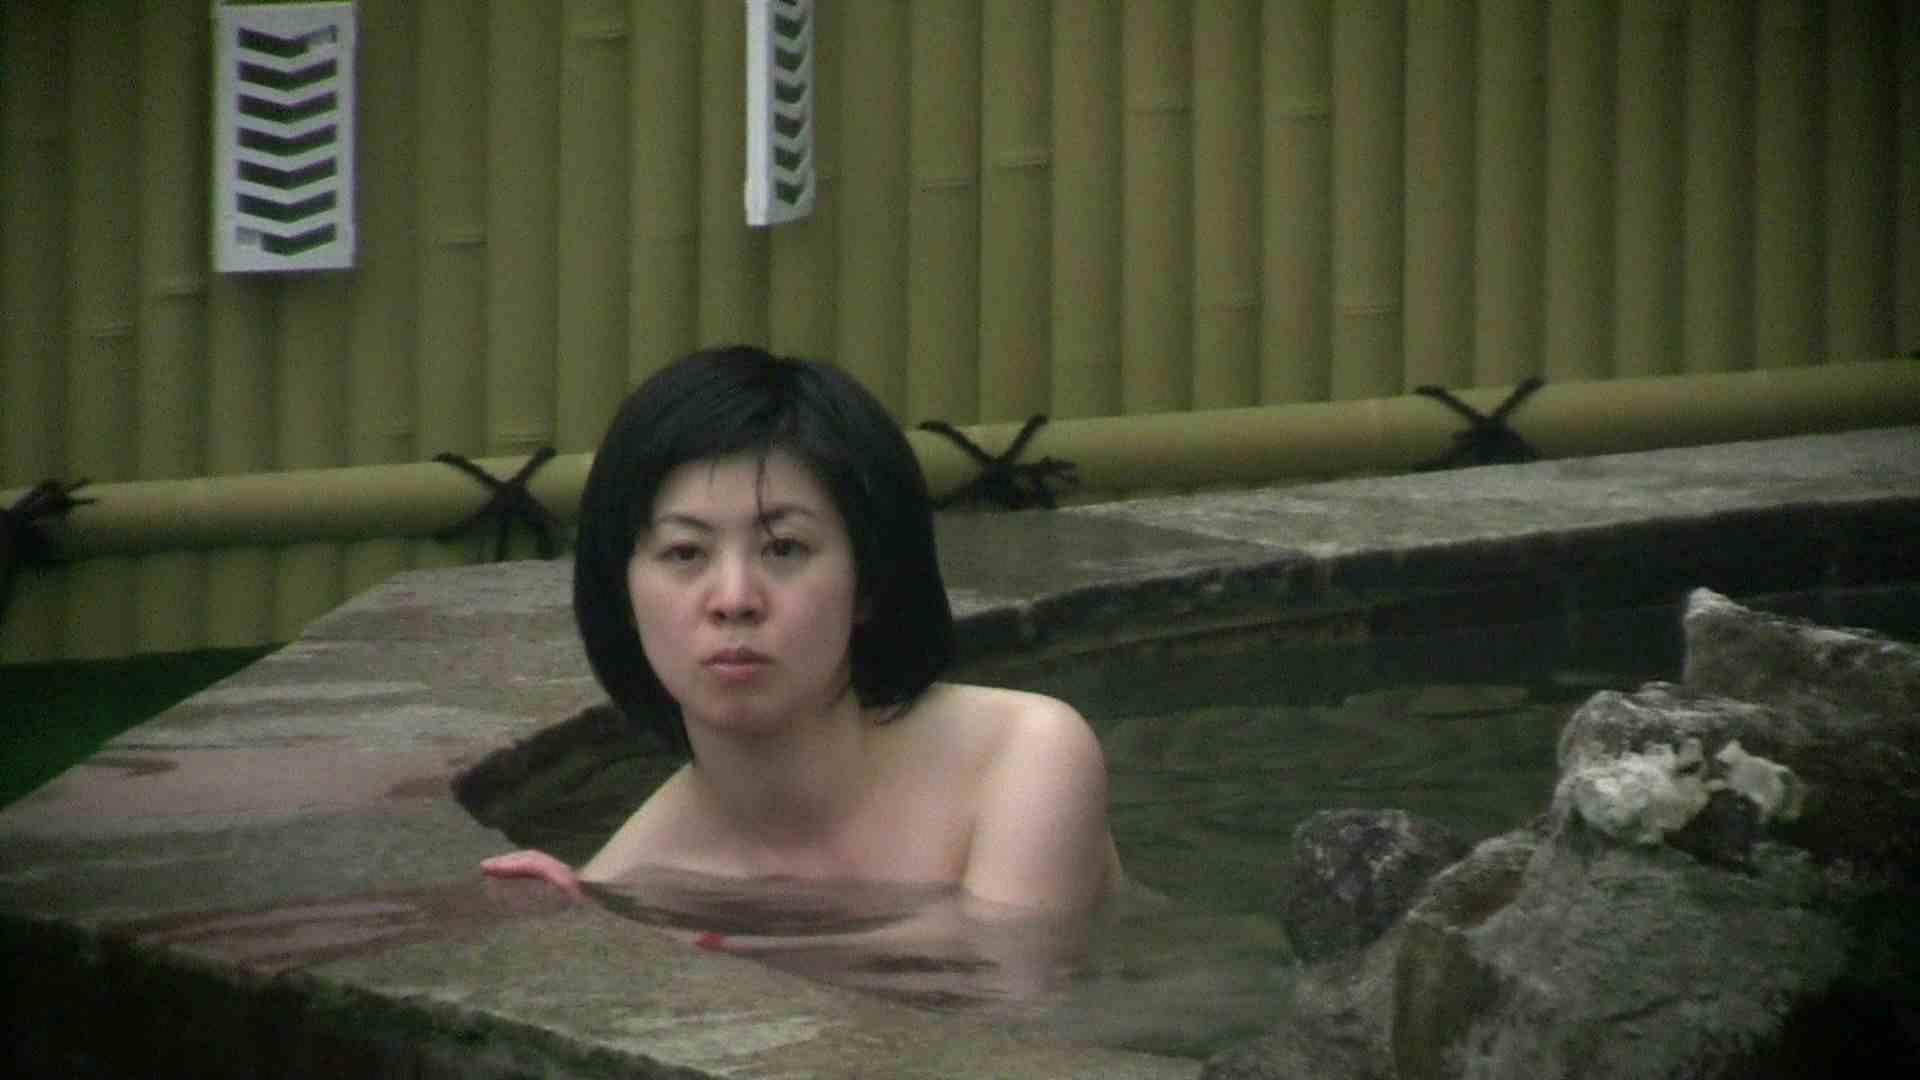 Aquaな露天風呂Vol.685 OLハメ撮り  42Pix 7